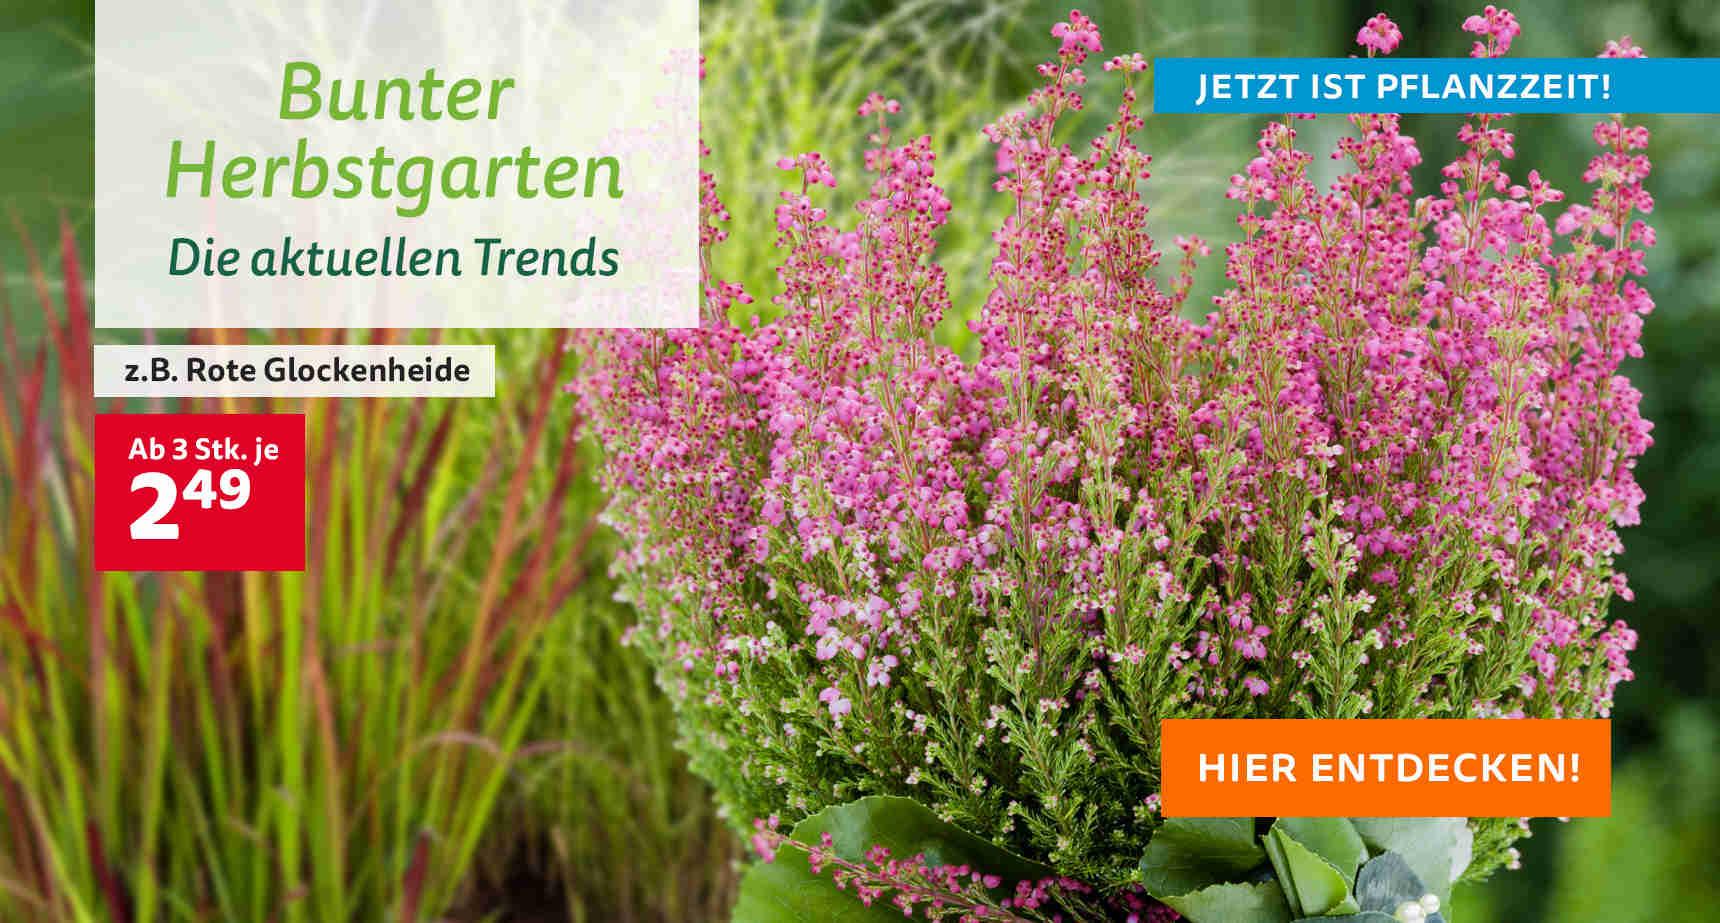 +++ (3) Bunter Herbstgarten +++ - 3